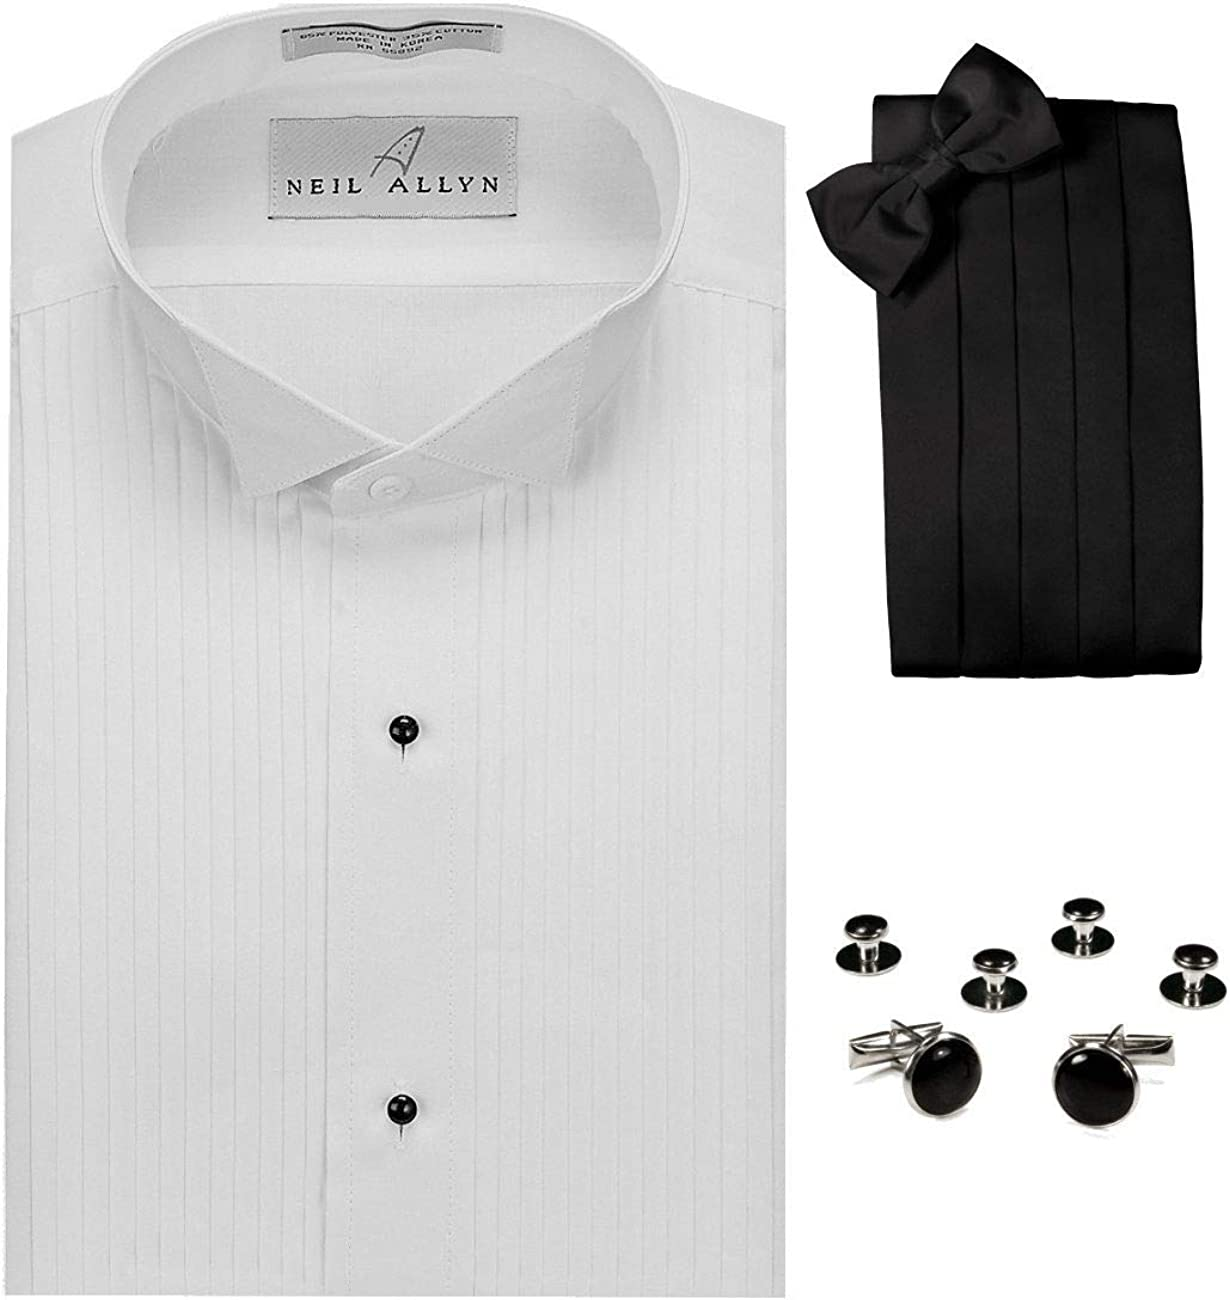 Juego de Camiseta de Esmoquin con Cuello Alado, Corbata, Gemelos y ...